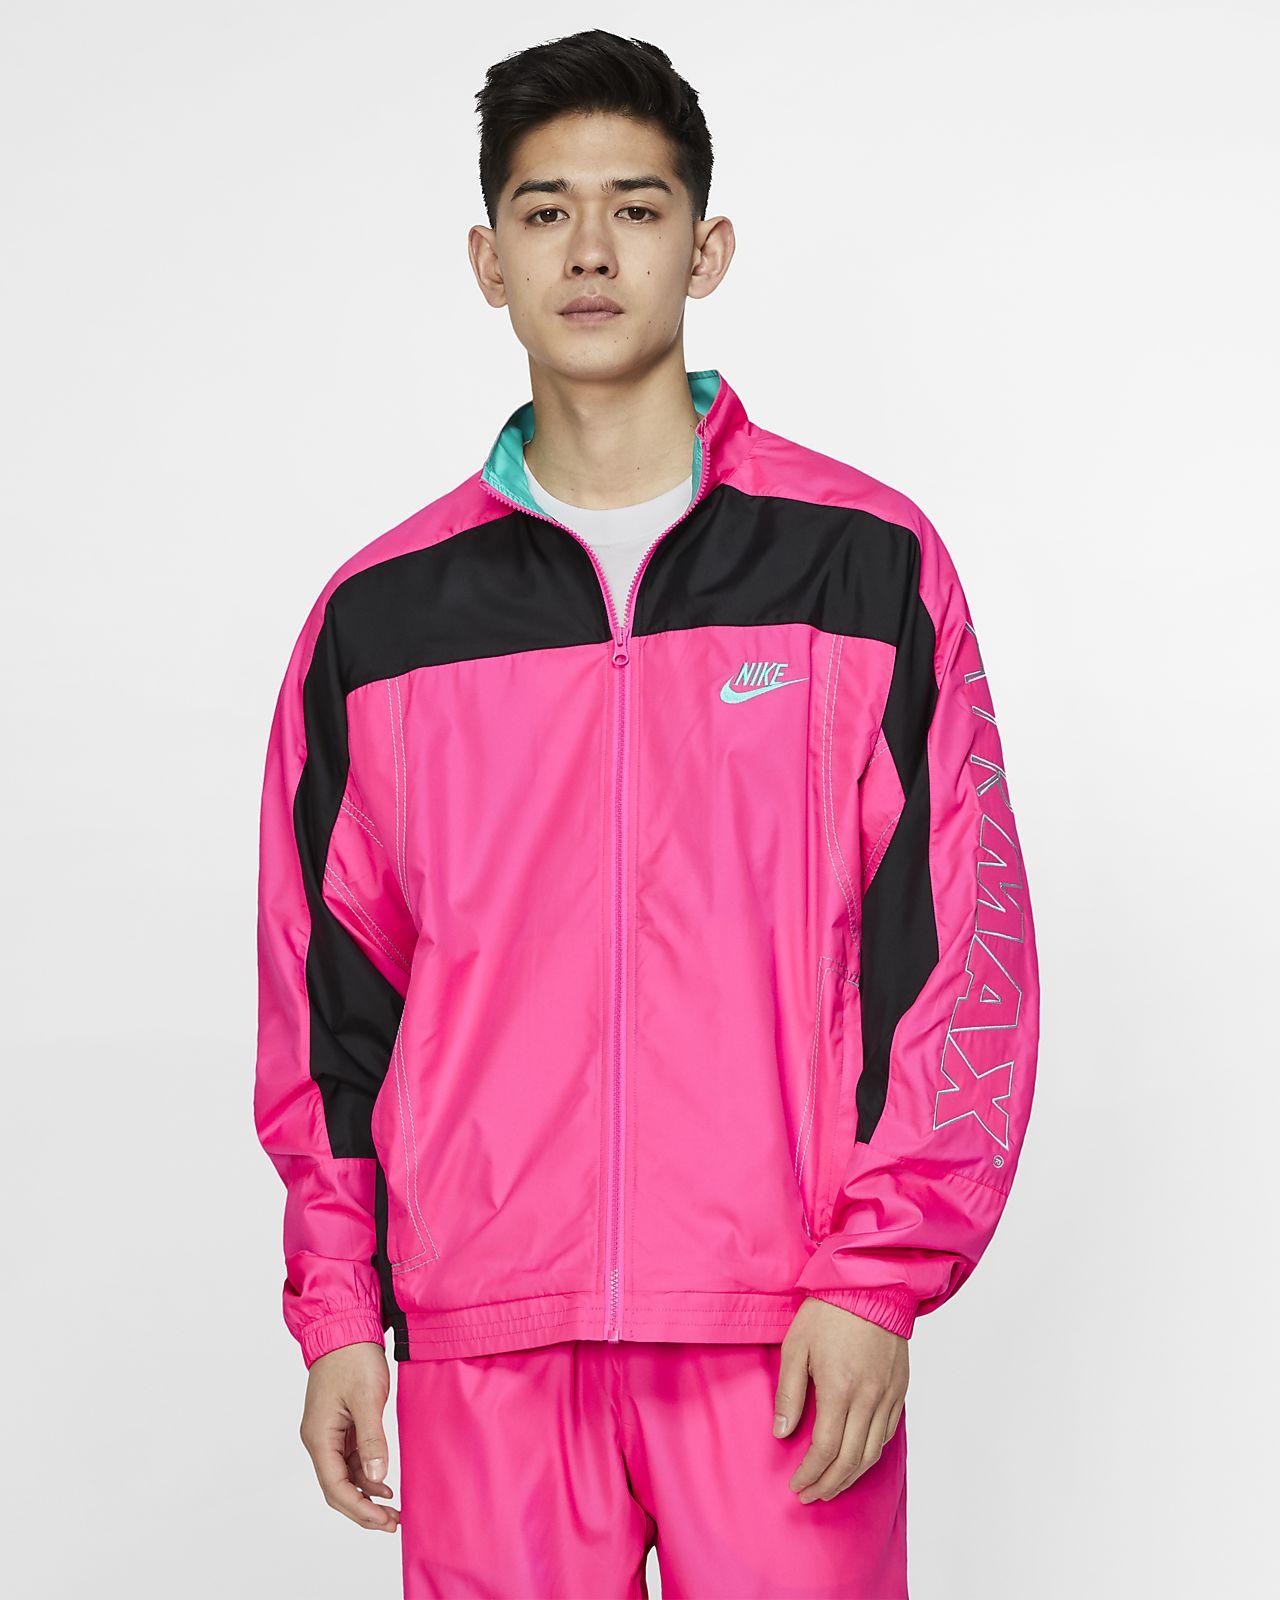 Nike x atmos Chaqueta deportiva - Hombre